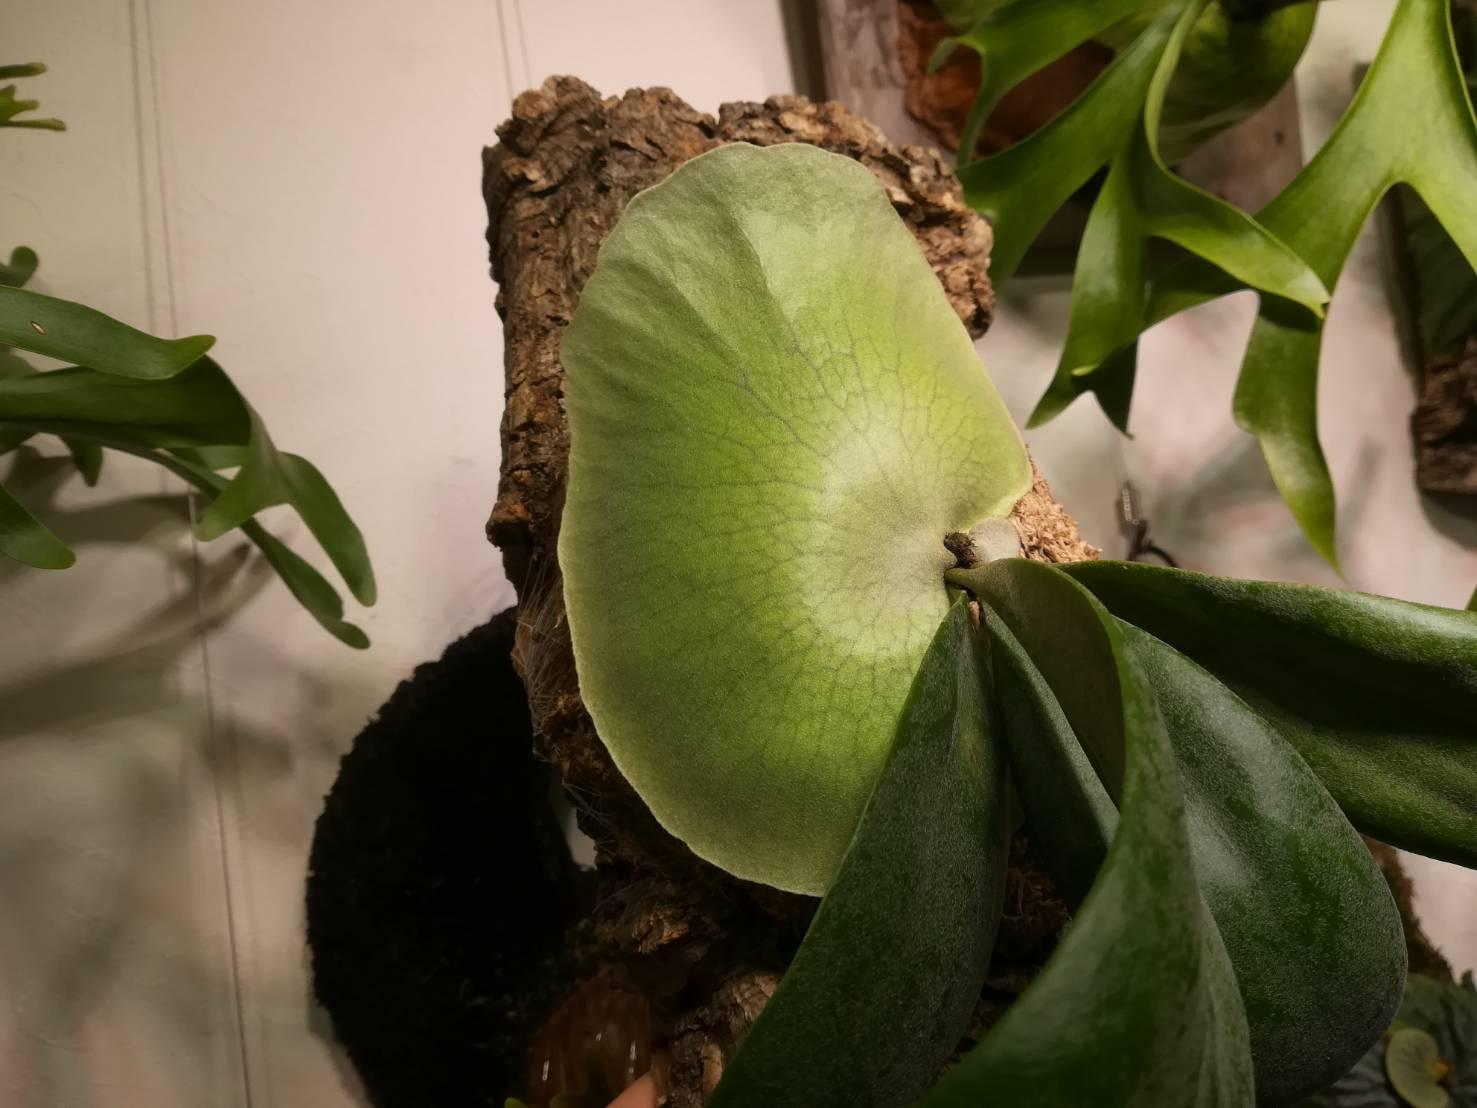 ビカクシダ・ウィリンキーcv.Dparisの貯水葉が綺麗。≪ P.willinckii ≫